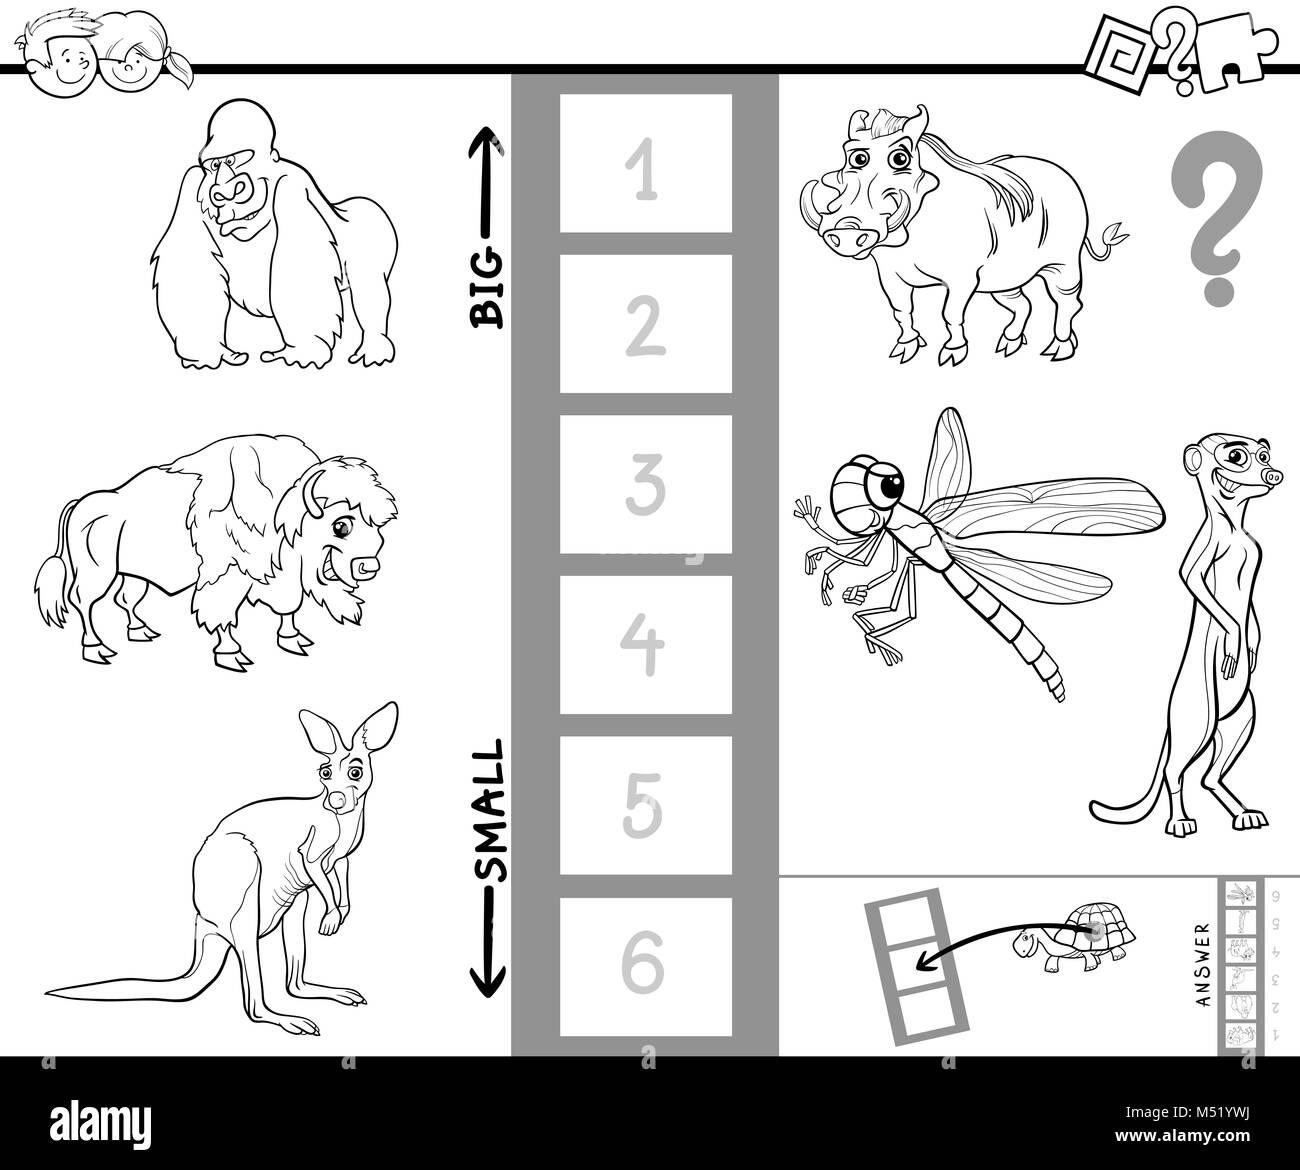 Encontrar mayor actividad animal libro de color Foto & Imagen De ...